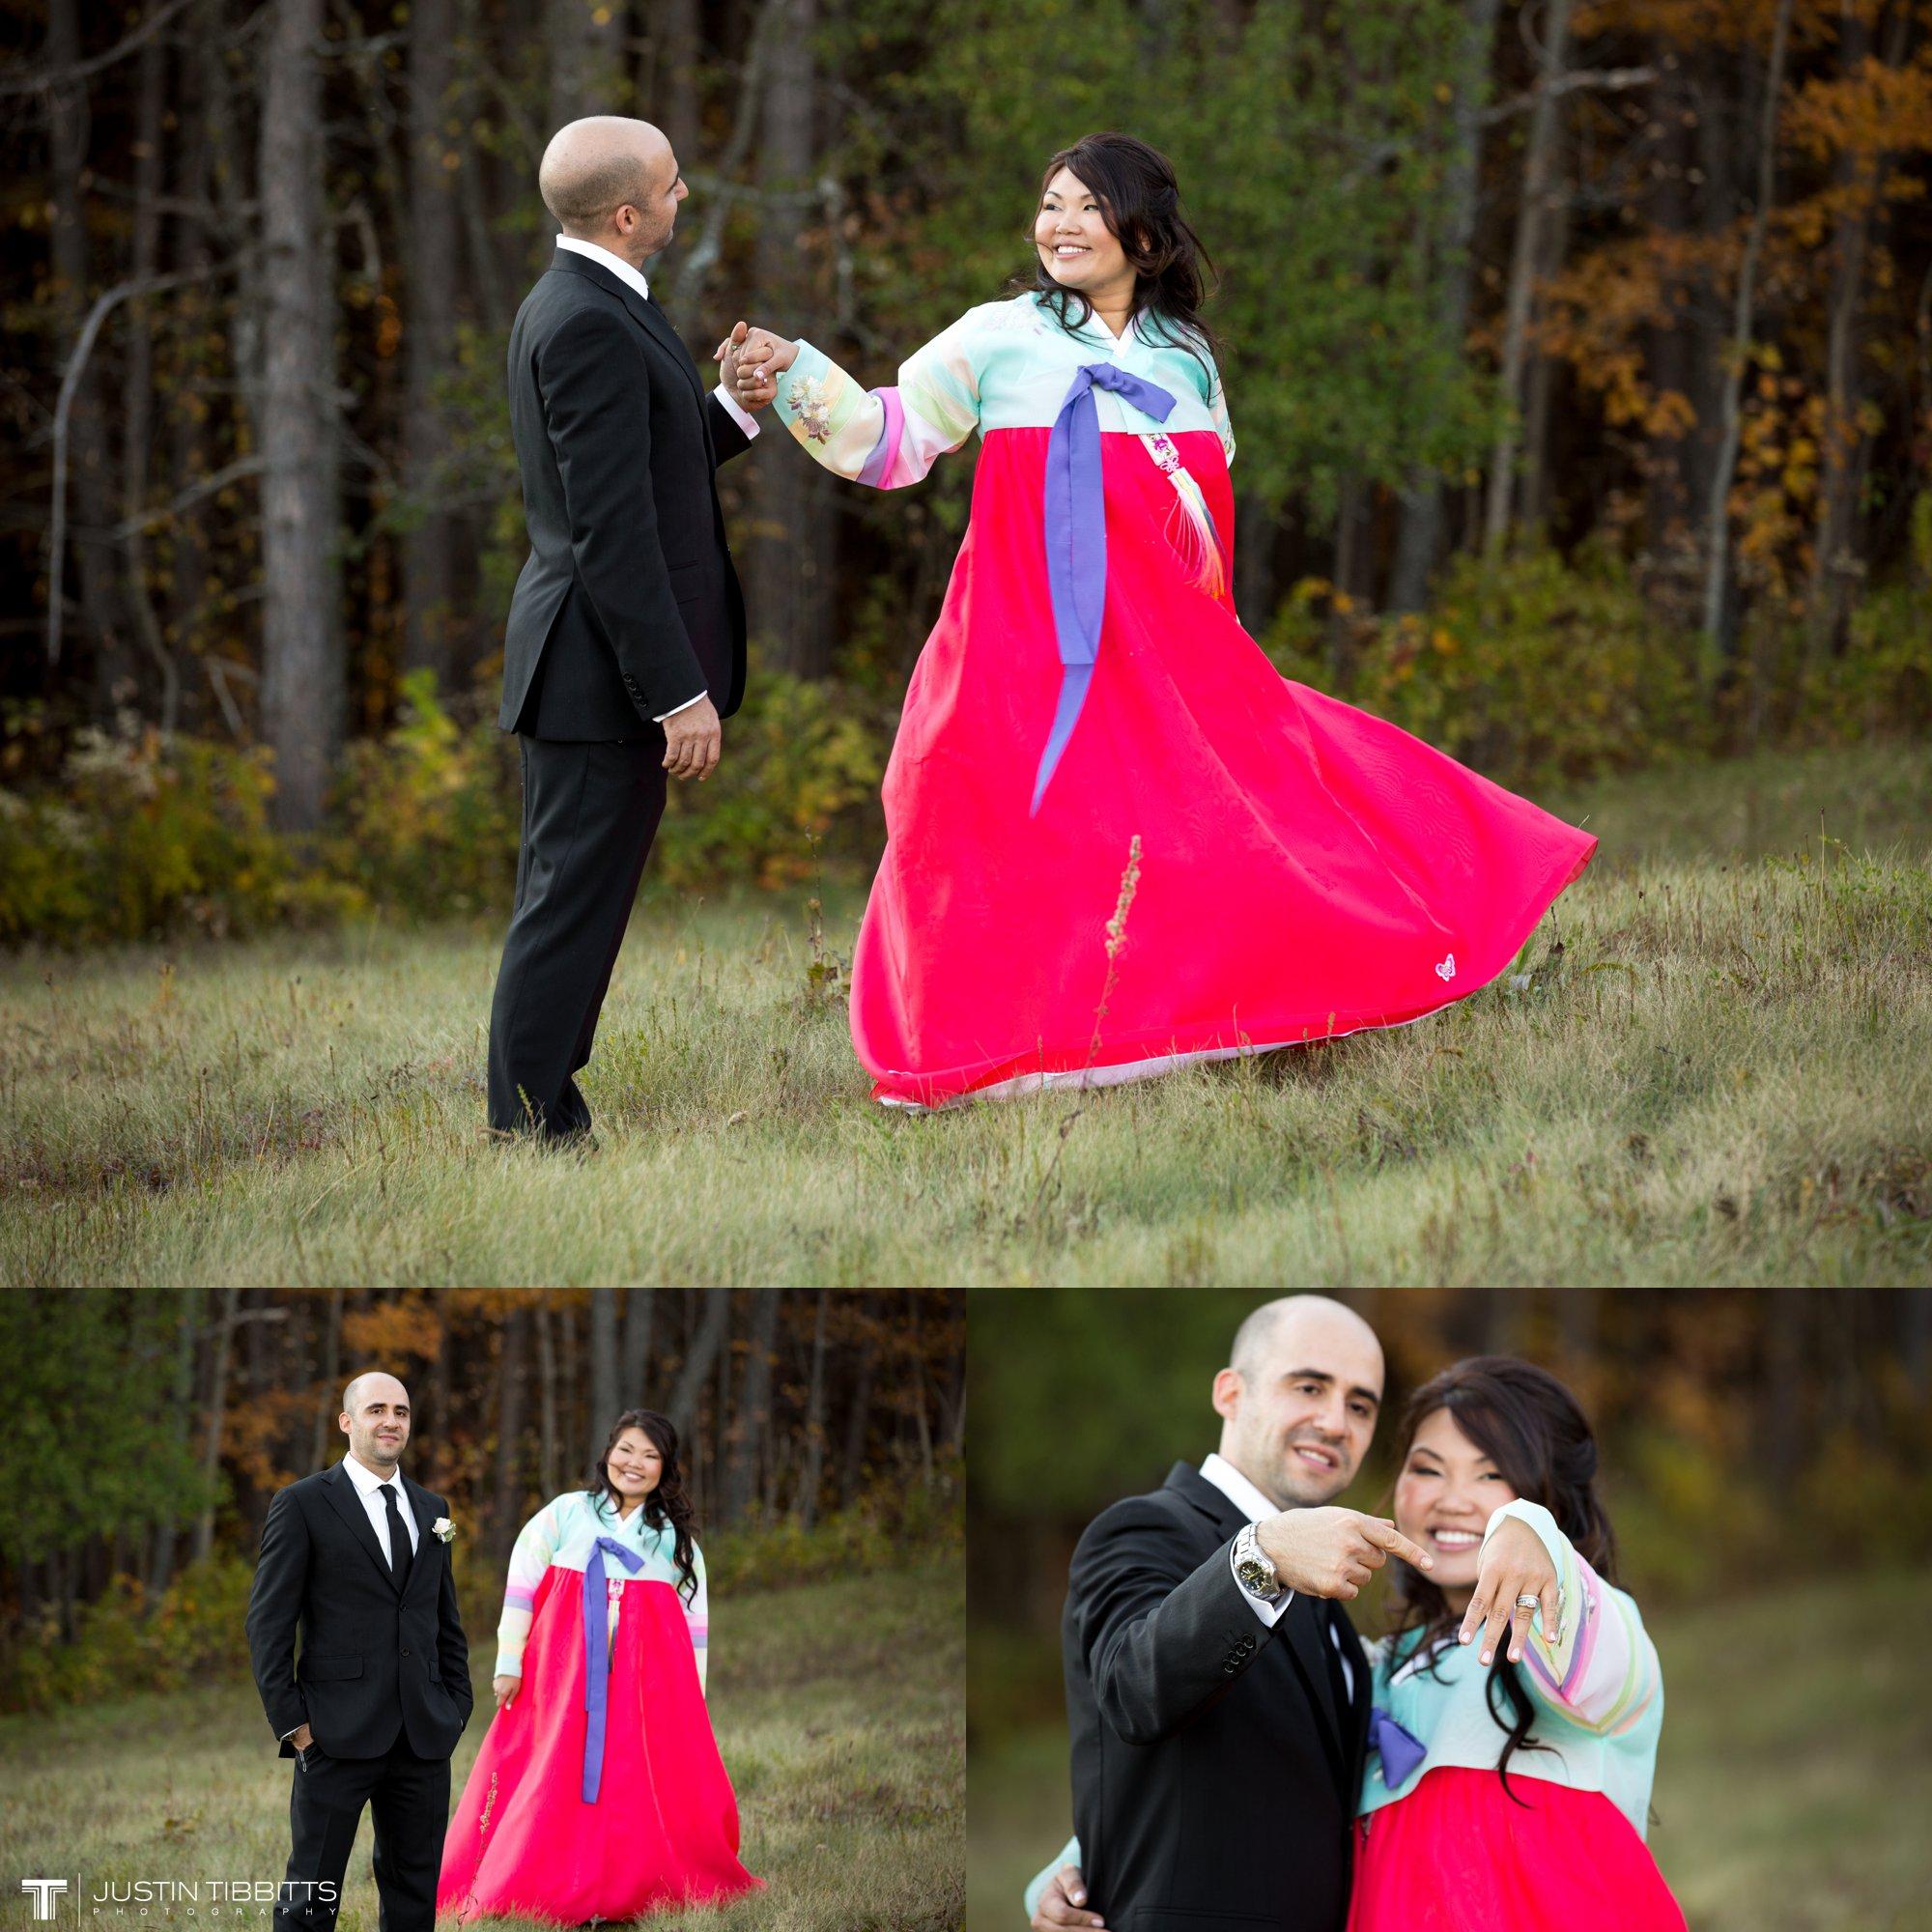 Albany NY Wedding Photographer Justin Tibbitts Photography 2014 Best of Albany NY Weddings-357301